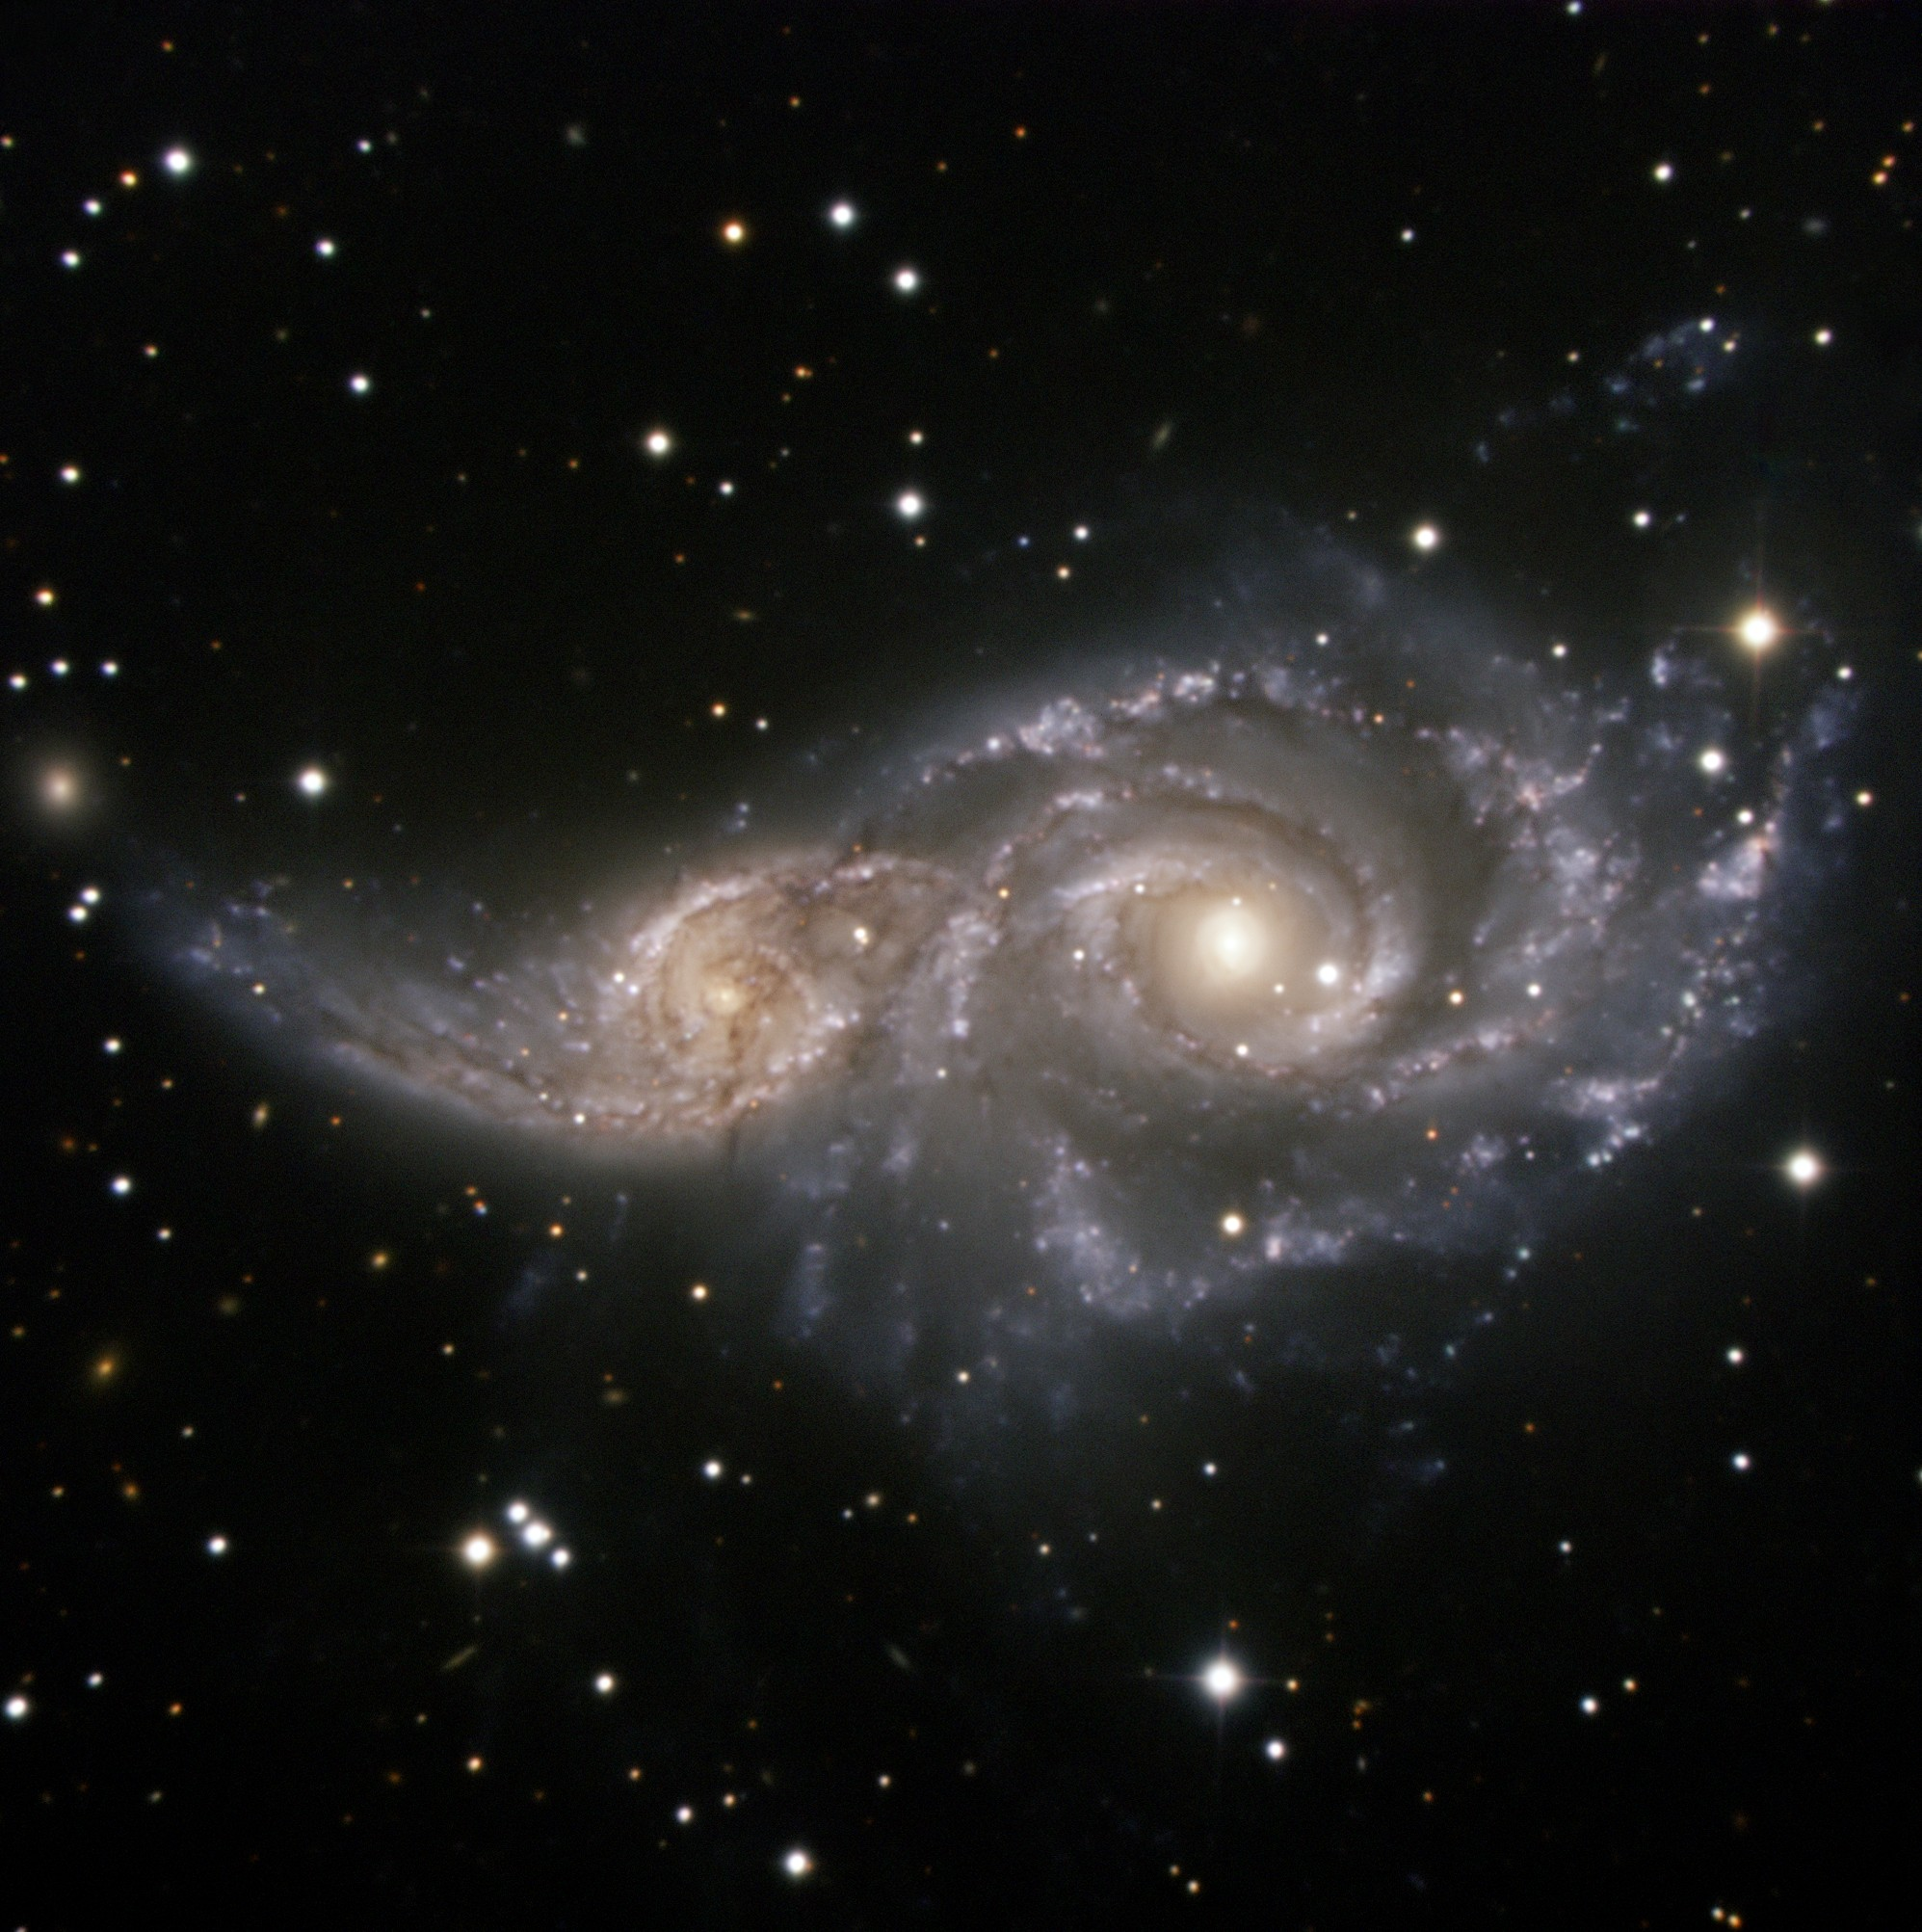 File:NGC 2207 and IC 2163.jpg.